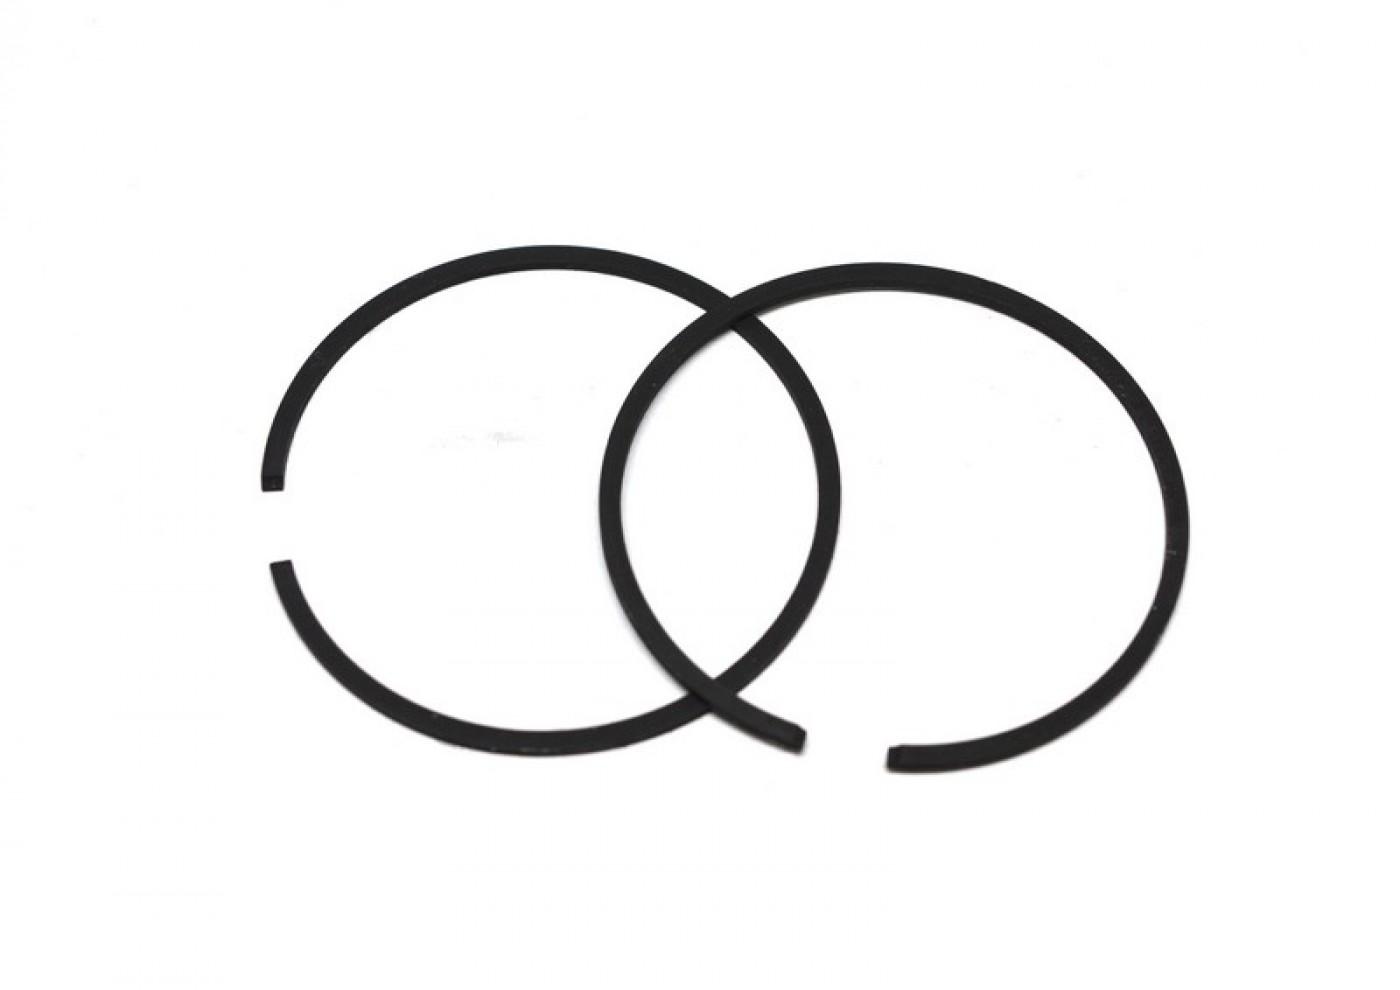 Sada pístních kroužků - 56 mm